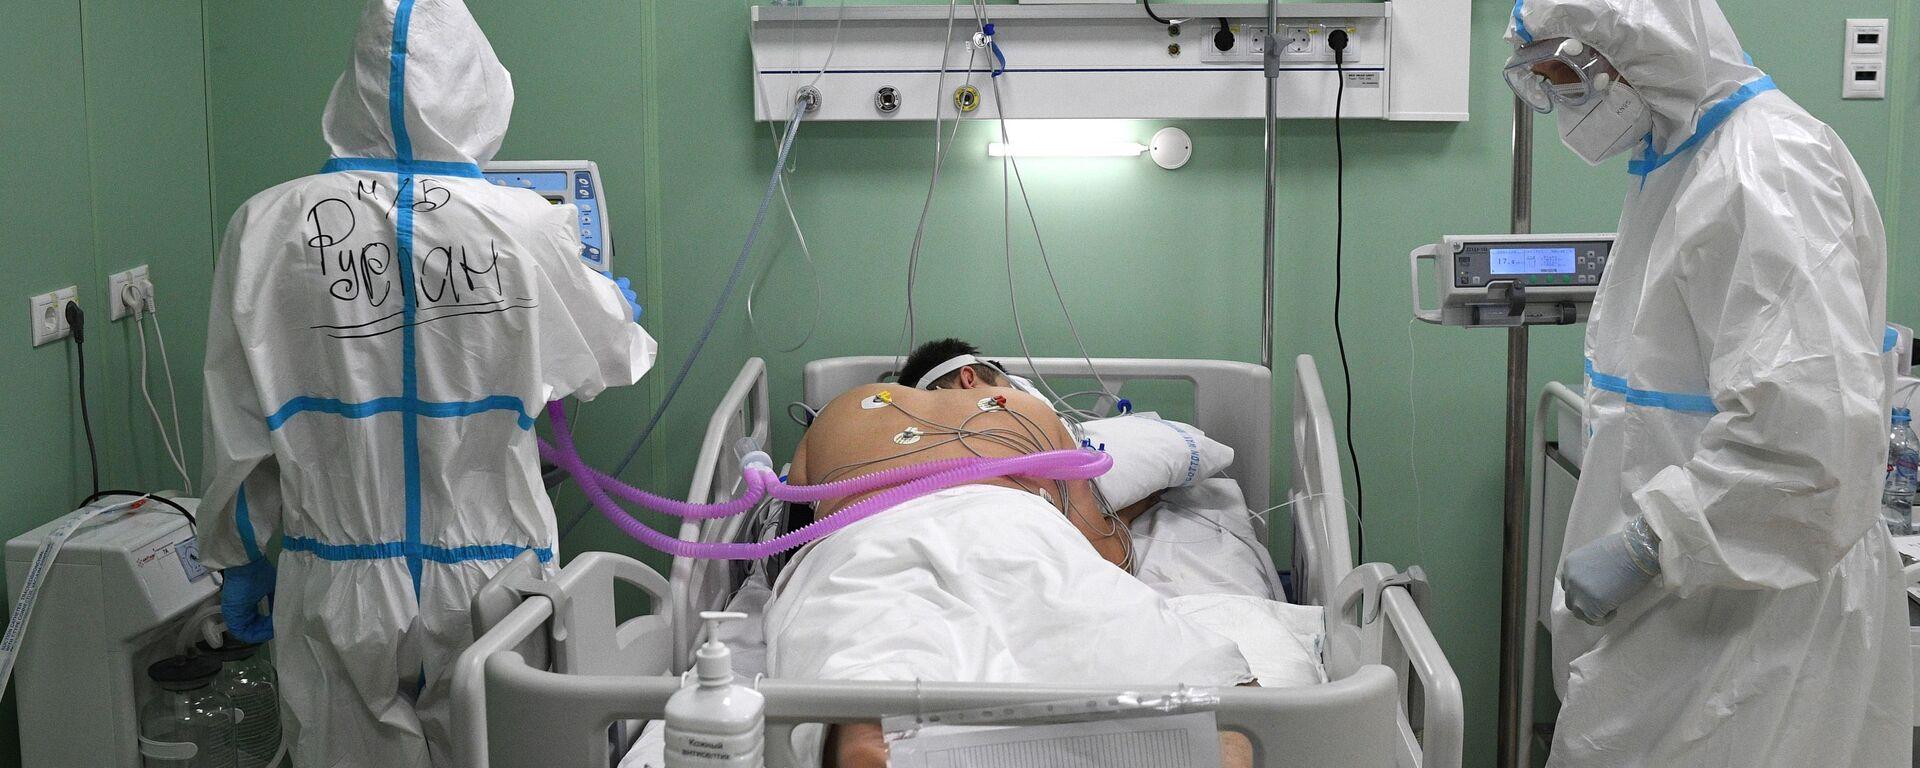 Лекари дају терапију пацијенту у привременој болници за пацијенте са ковидом у Москви - Sputnik Србија, 1920, 30.09.2021